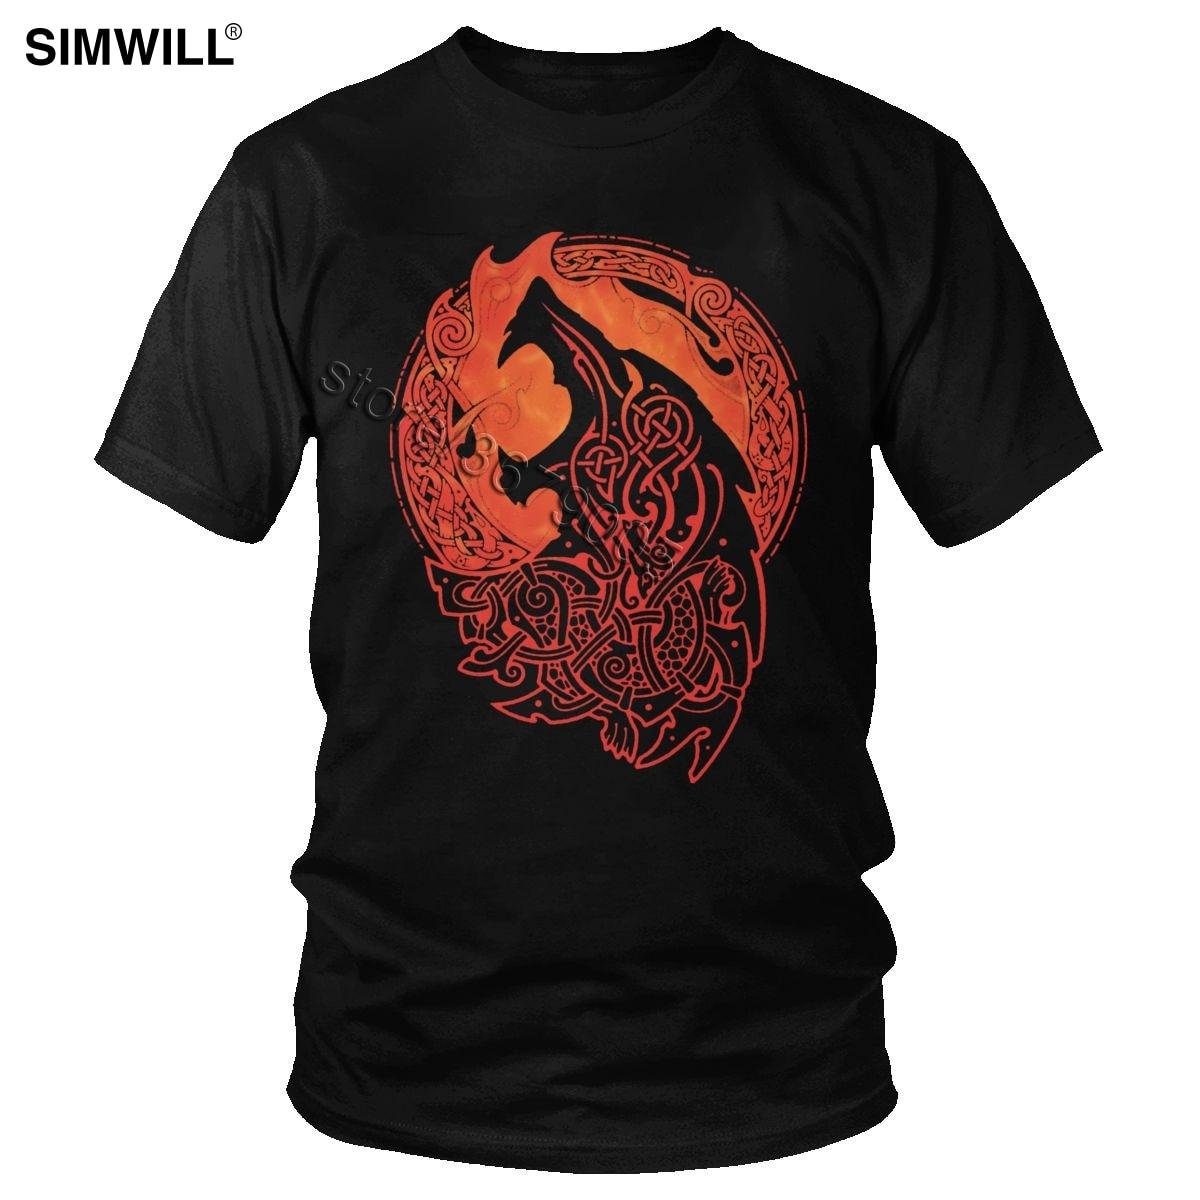 Валгаллы Odin Фенрир футболка городская мода хлопок Nordic футболка mythology Для мужчин короткий рукав Loki для сына, волка, футболка